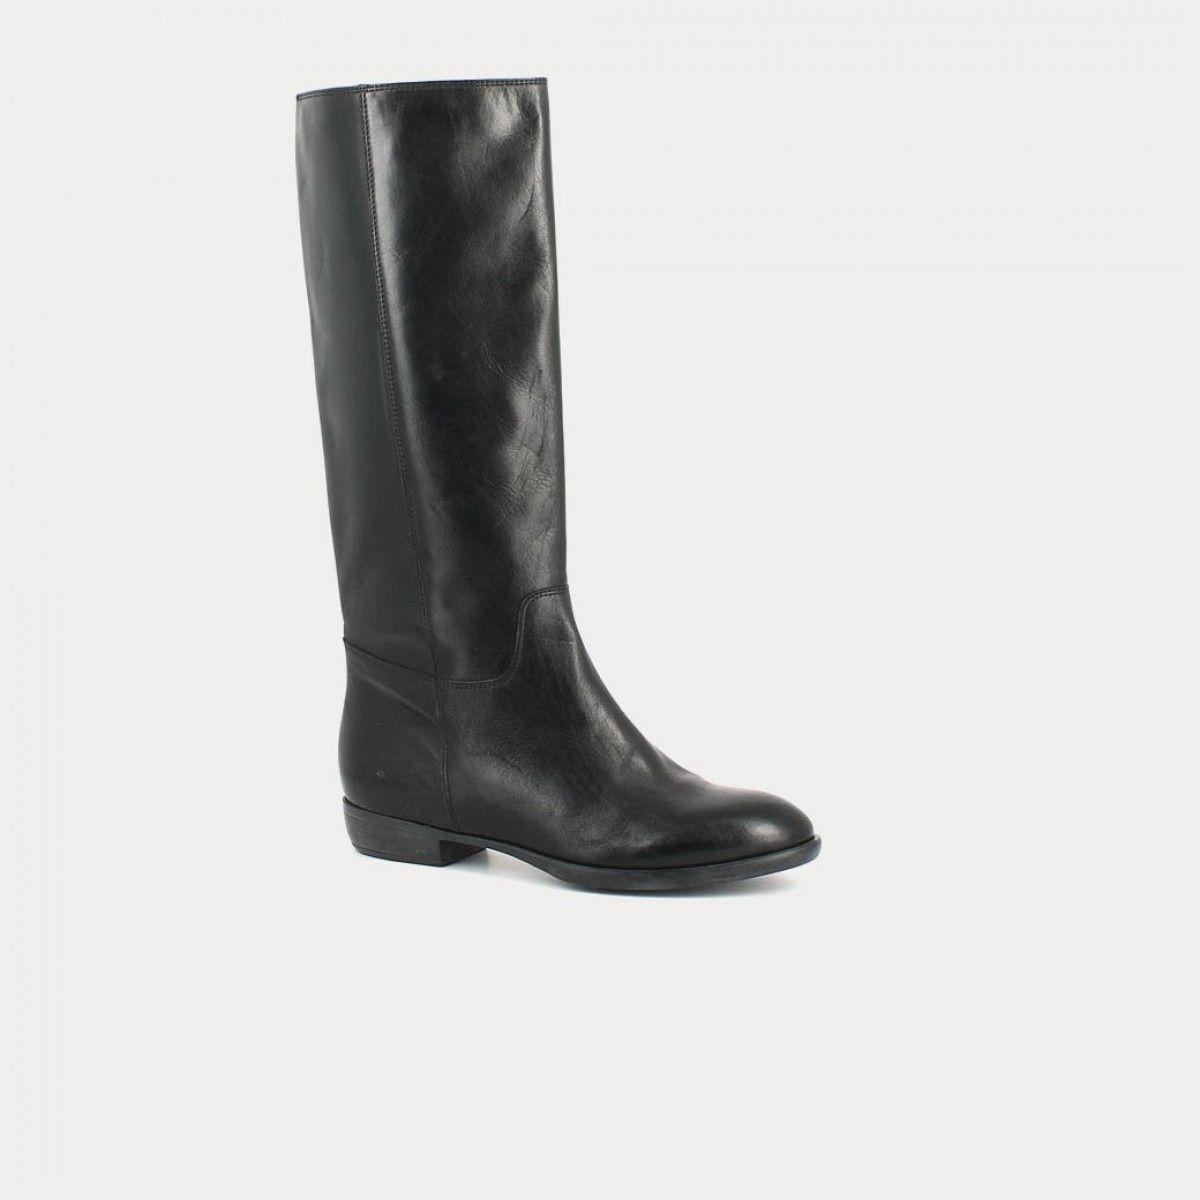 Bottes plates en cuir lisse noir | Bottes cuir, Bottes cuir